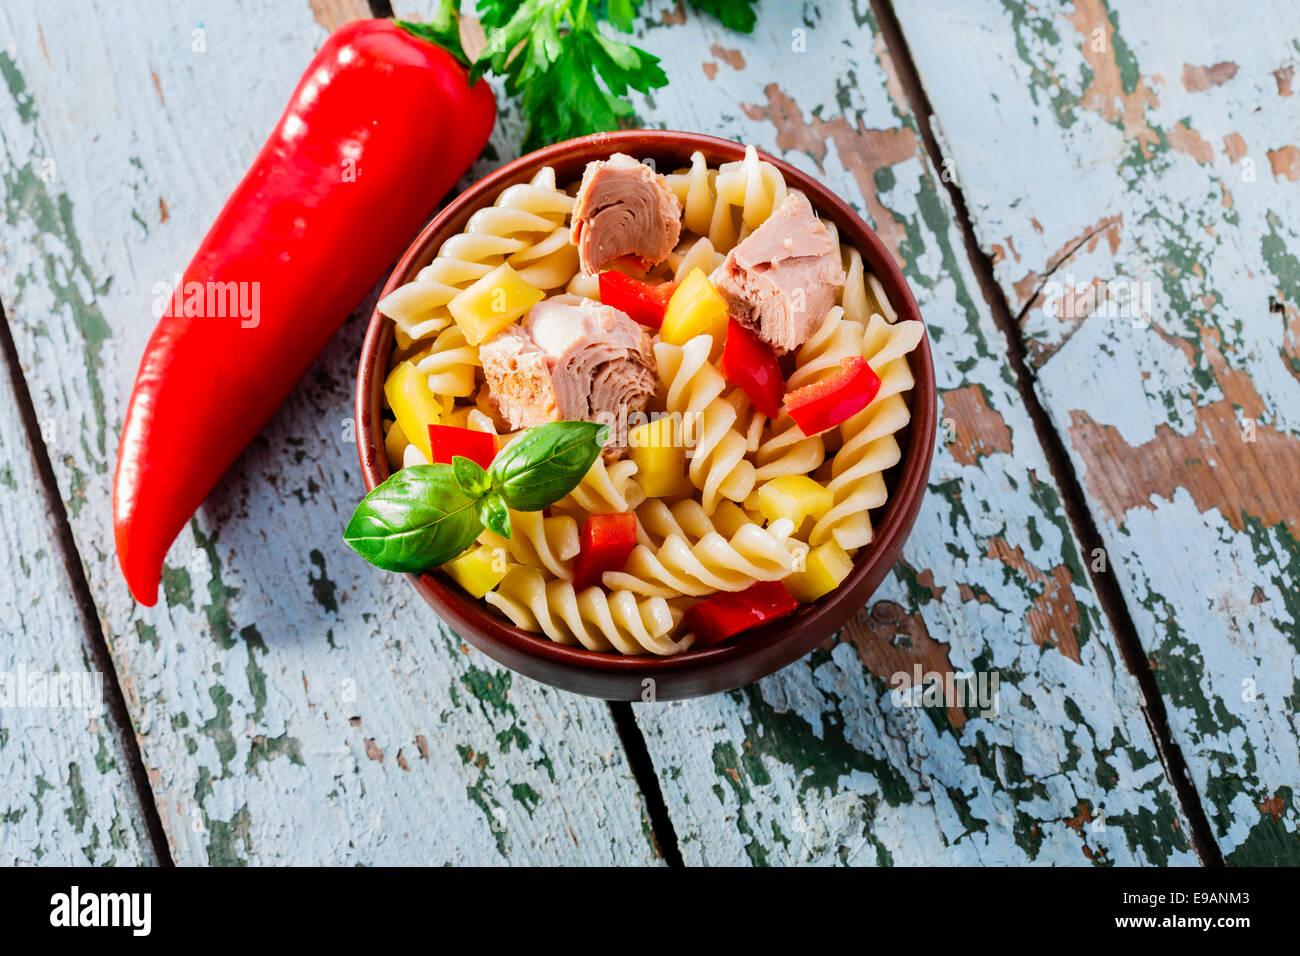 Insalata di pasta con tonno e pepe Immagini Stock